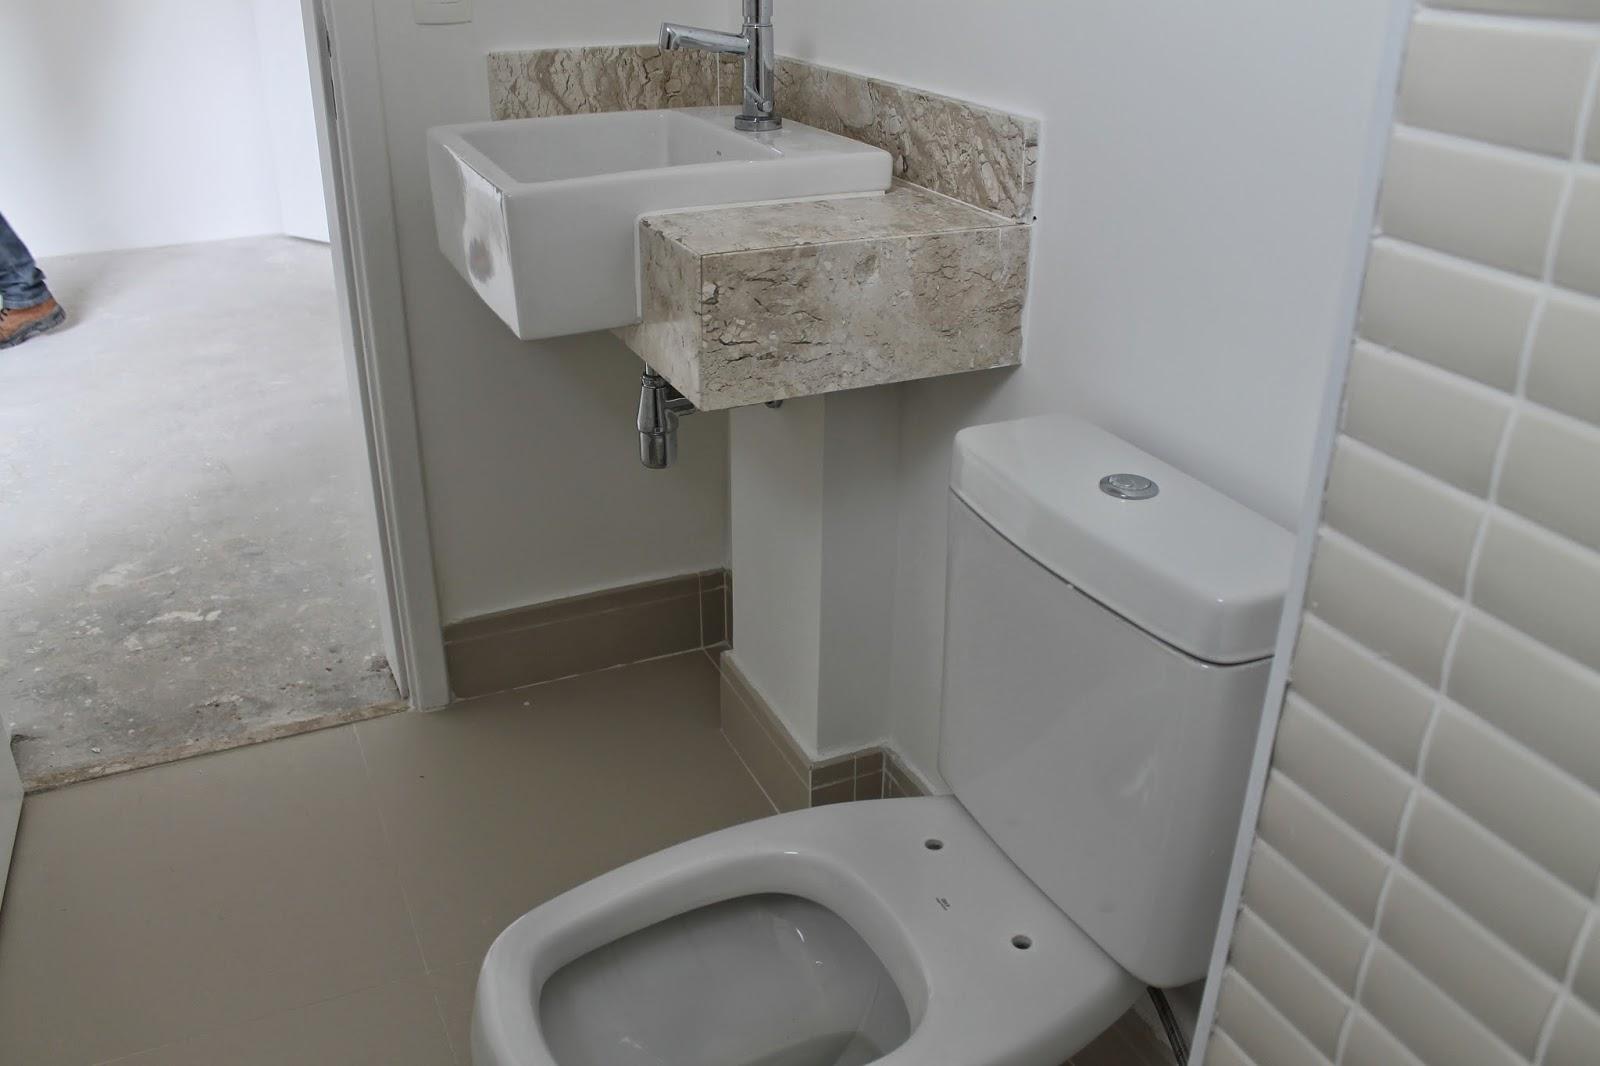 Banheiro Com Porcelanato Travertino  rinkratmagcom banheiros decorados 2017 -> Cuba Banheiro Travertino